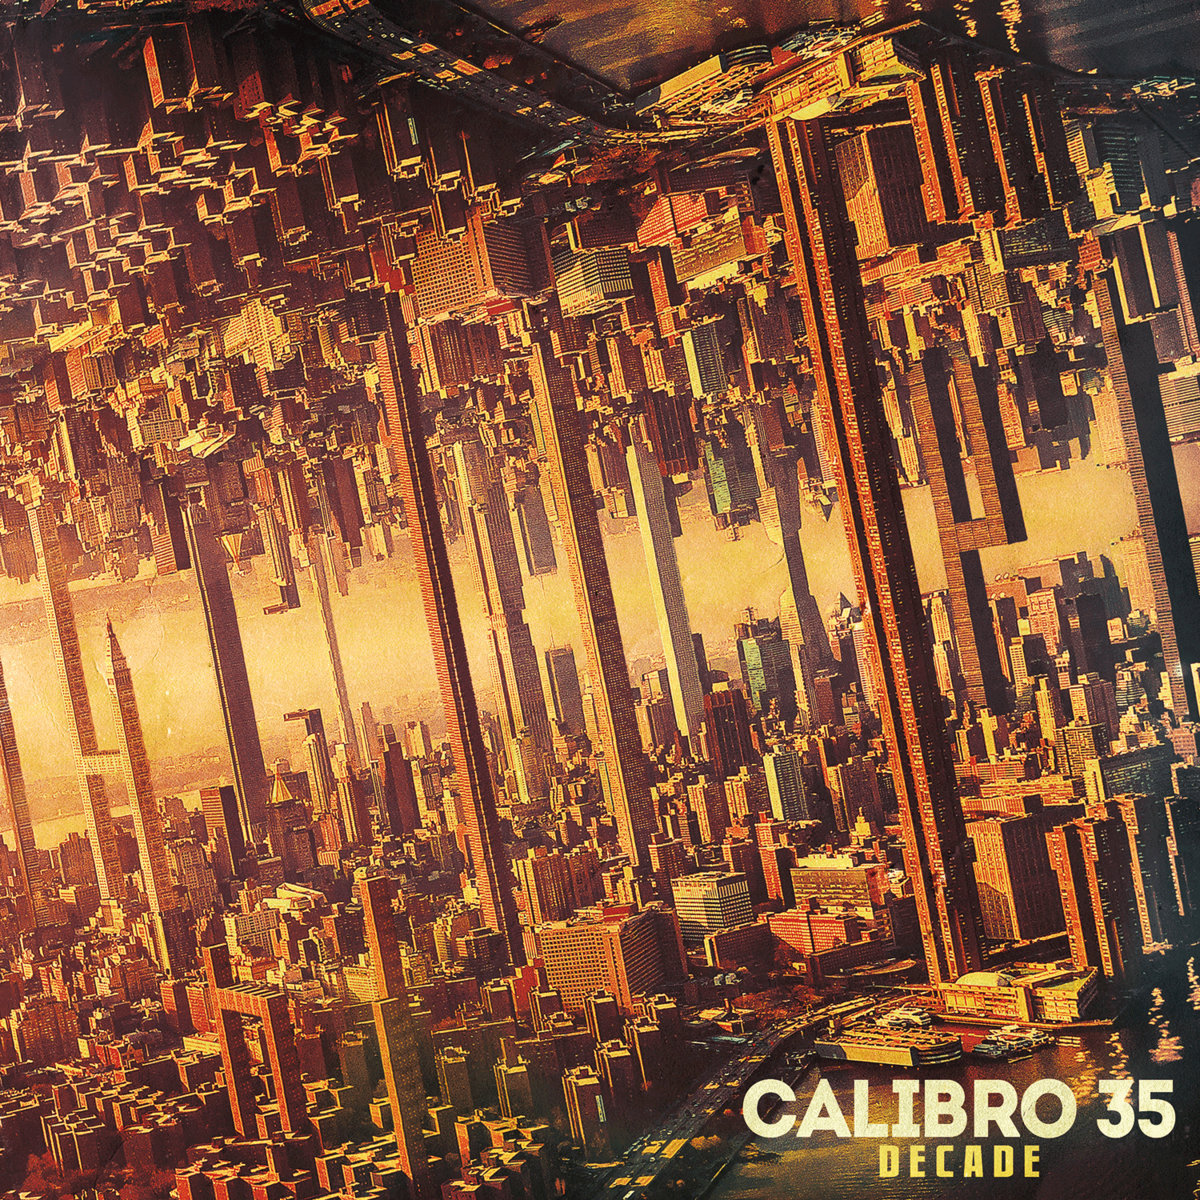 album deep-funk afro soul 2018 calibro 35 decade enrico gabrielli fabio rondanini luca cavina massimo martellotta italie milano milan record kicks tommaso colliva